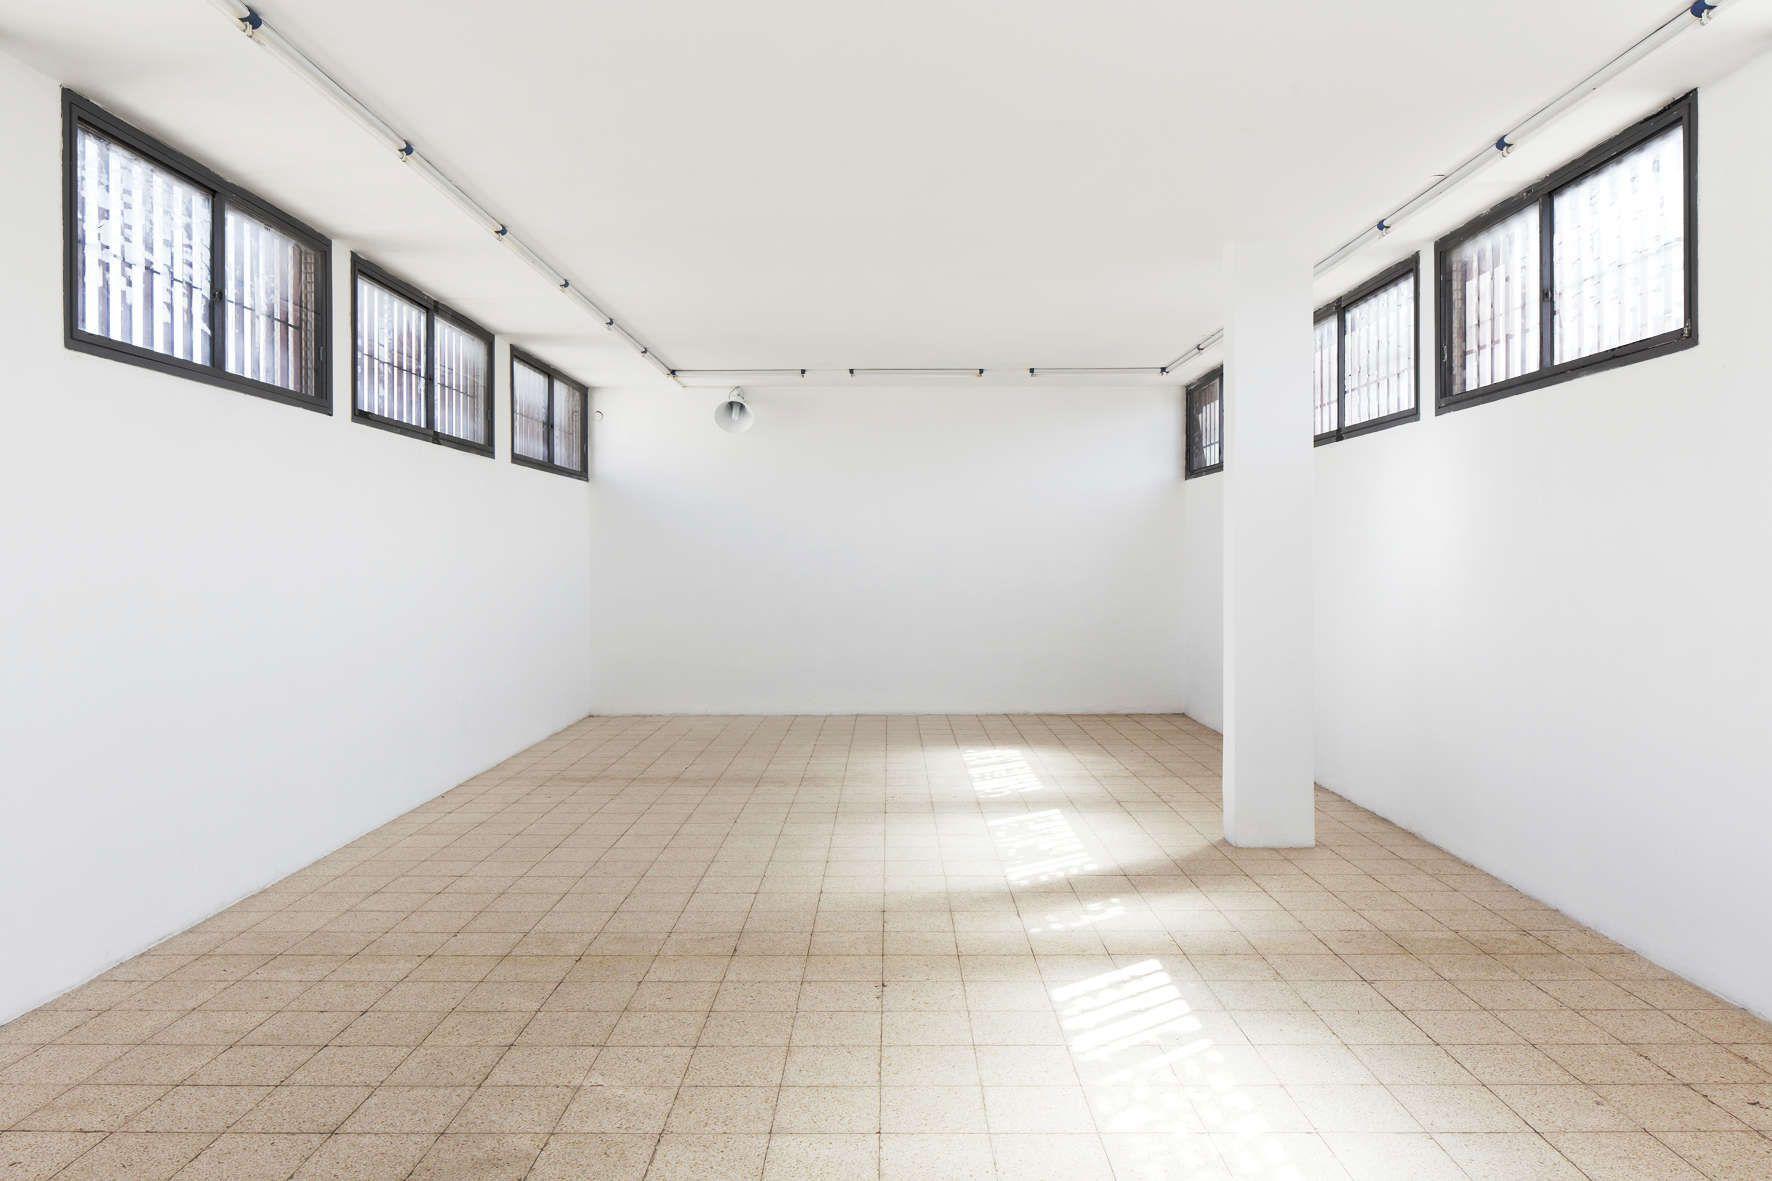 Mirosław Bałka, Gottbegnadeten-Liste, 2014, Ton, Aufnahme vom 12. Oktober 2014, 8:12 Min. (Tondatei) (Courtesy der Künstler und Dvir Gallery, Tel Aviv und Brüssel)